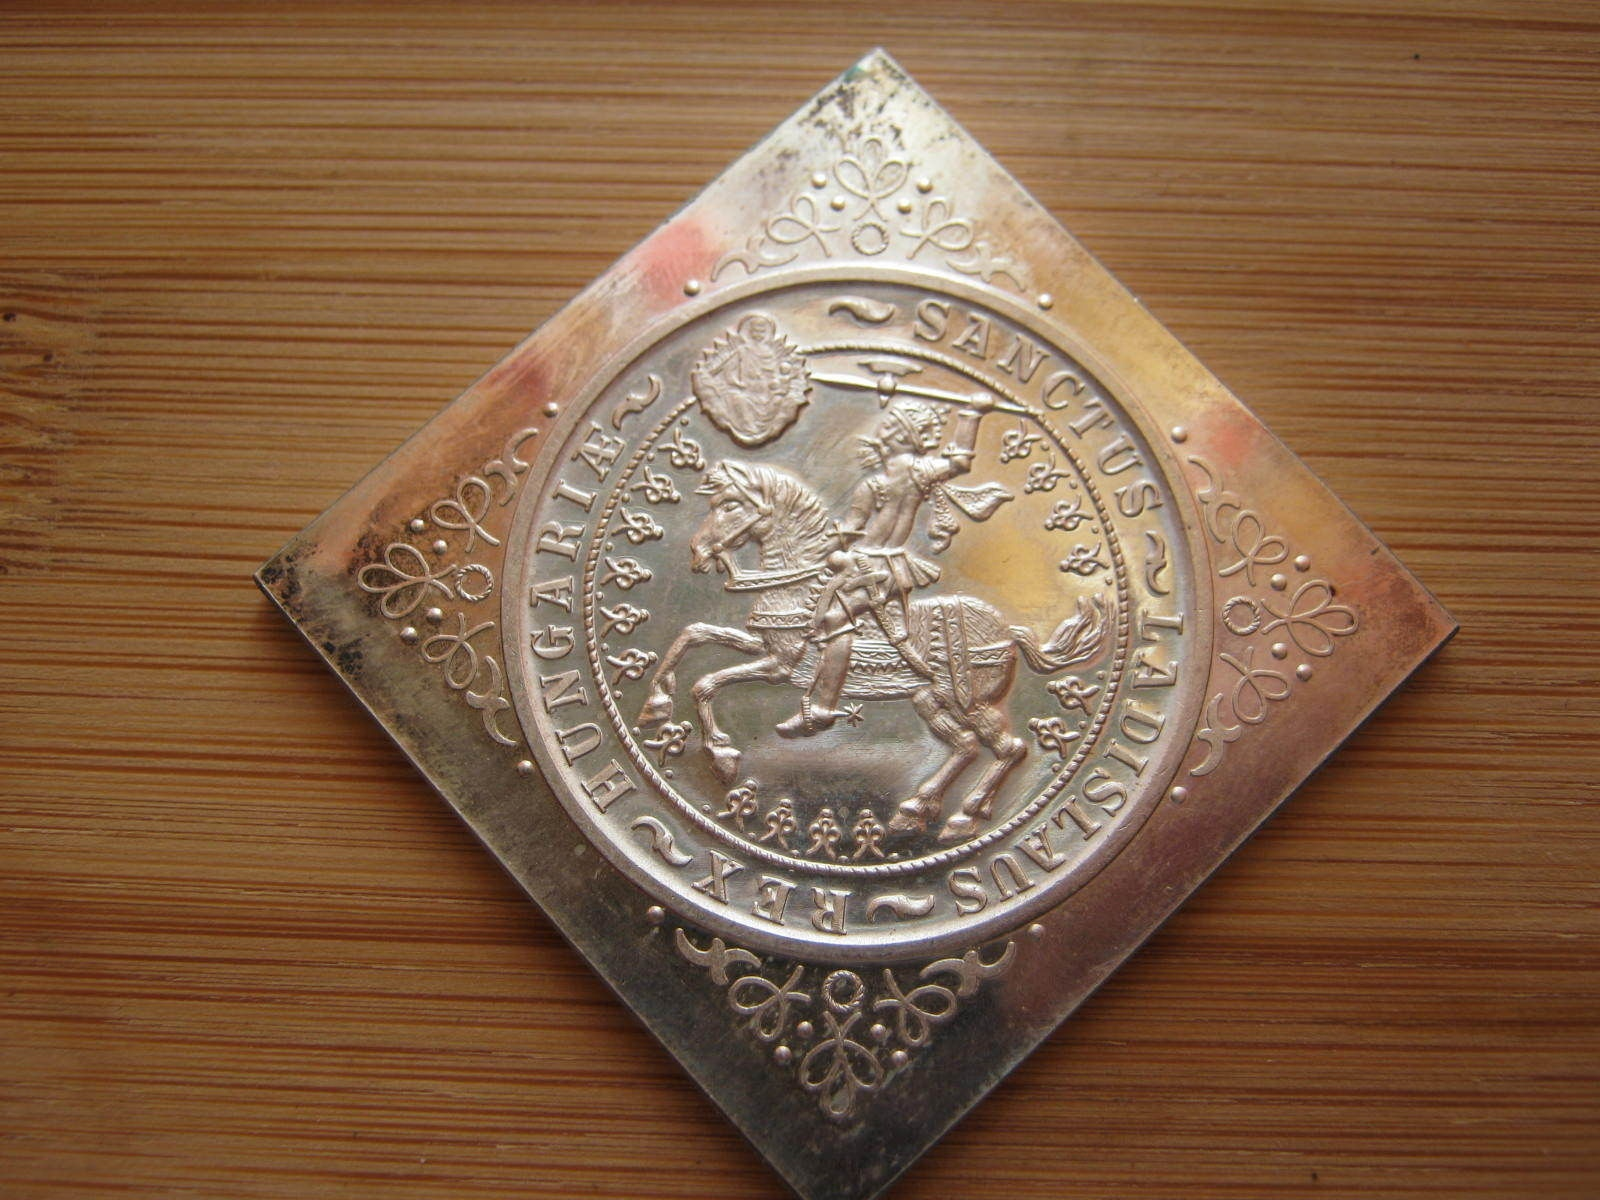 http://www.artexveret.hu/csegely/www_artexveret_hu_ezust_lovas-szent-laszlo_1929_up_csegely_5_pengo_04.jpg